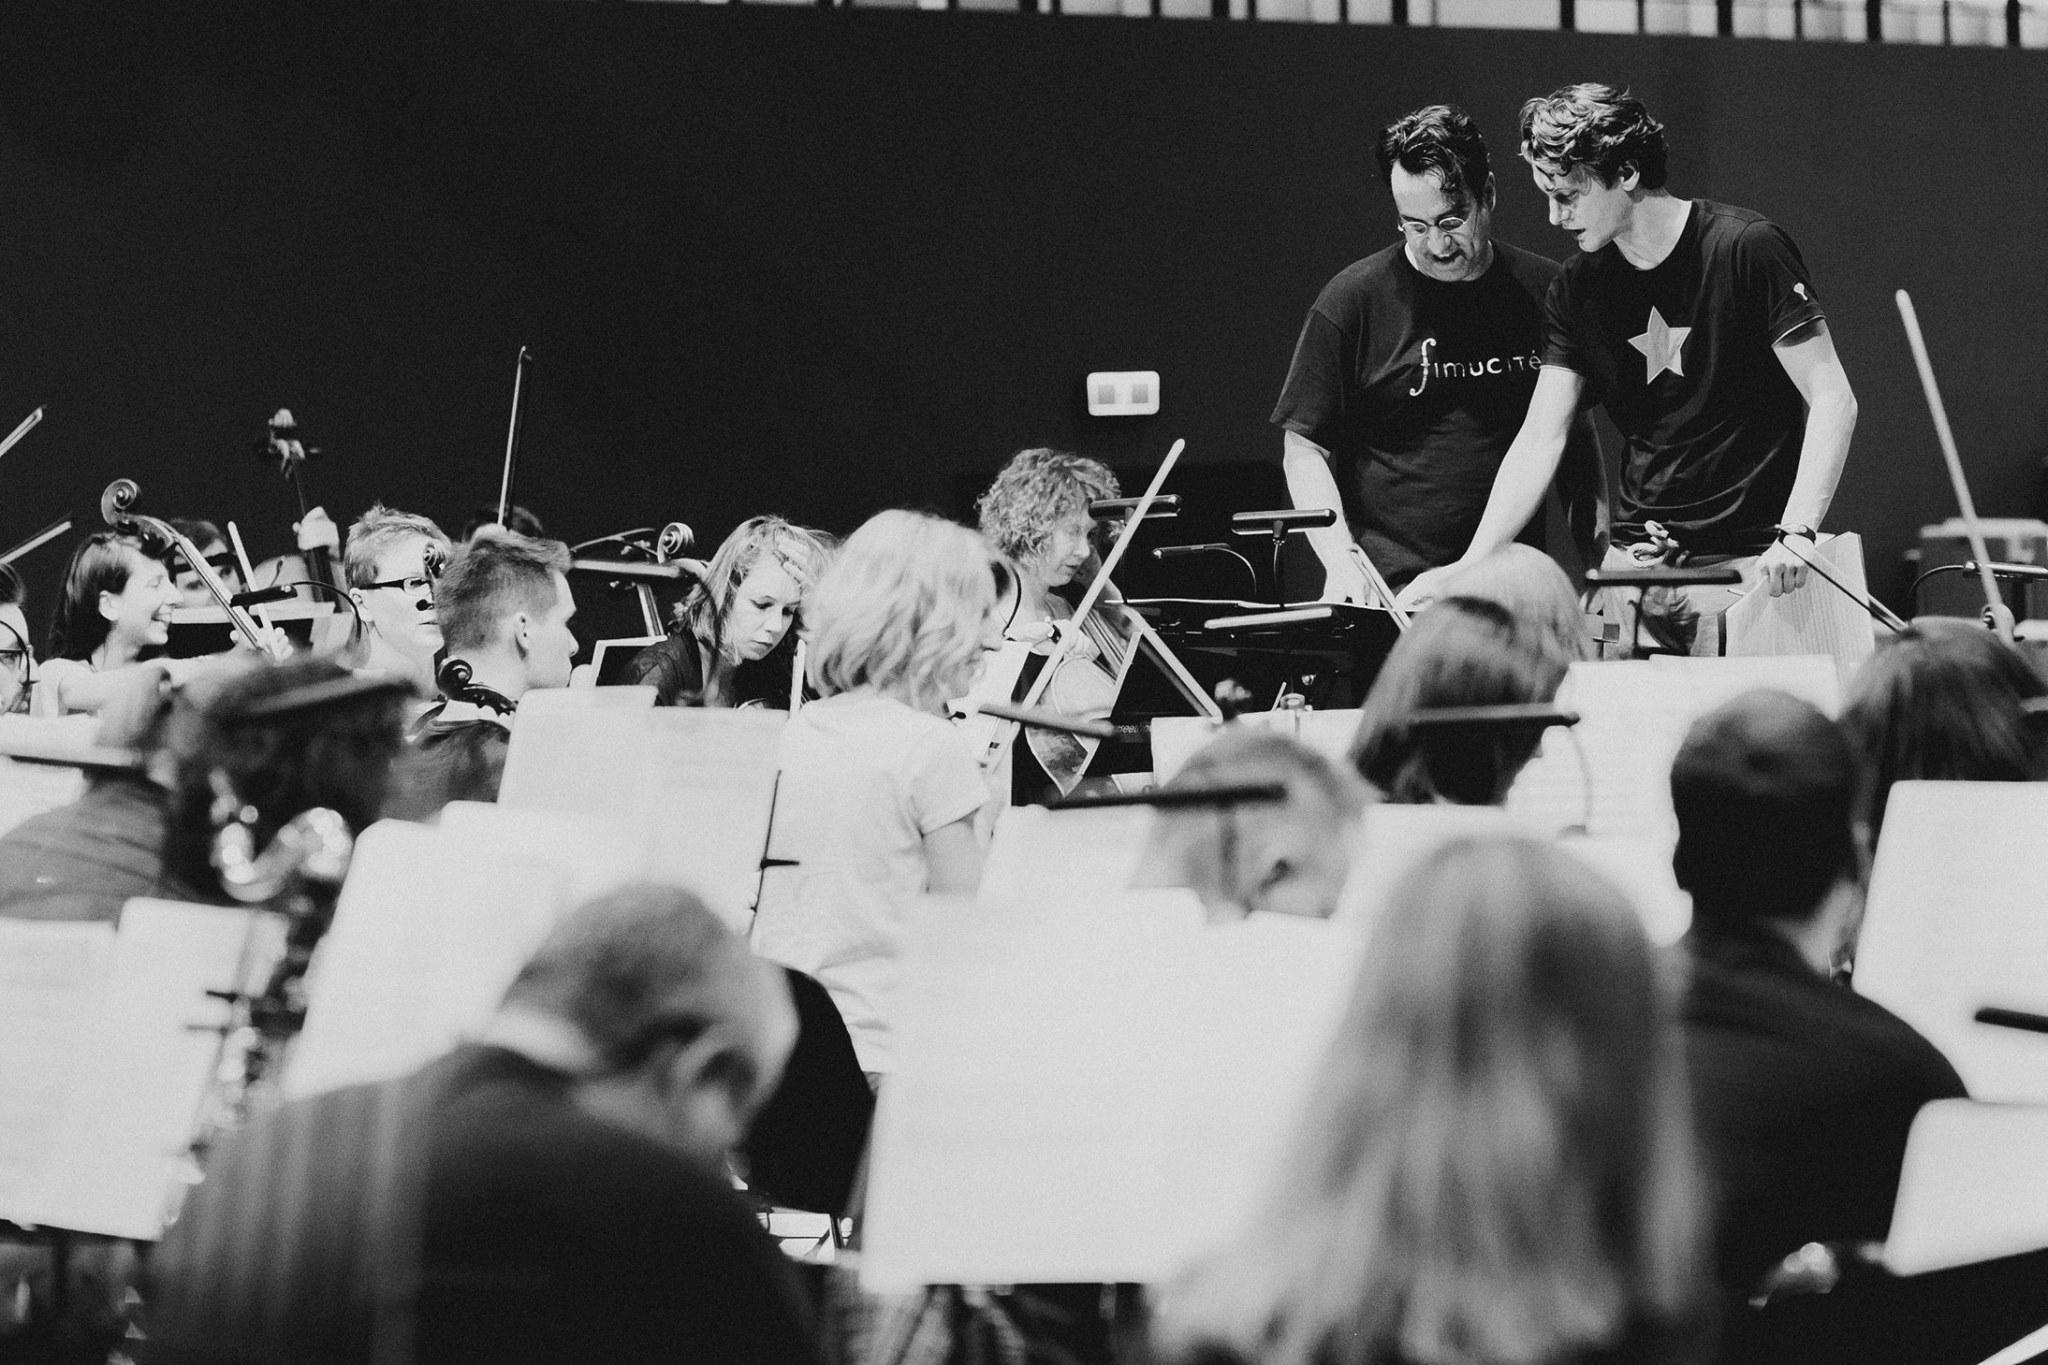 Atanas Valkov rehearsal